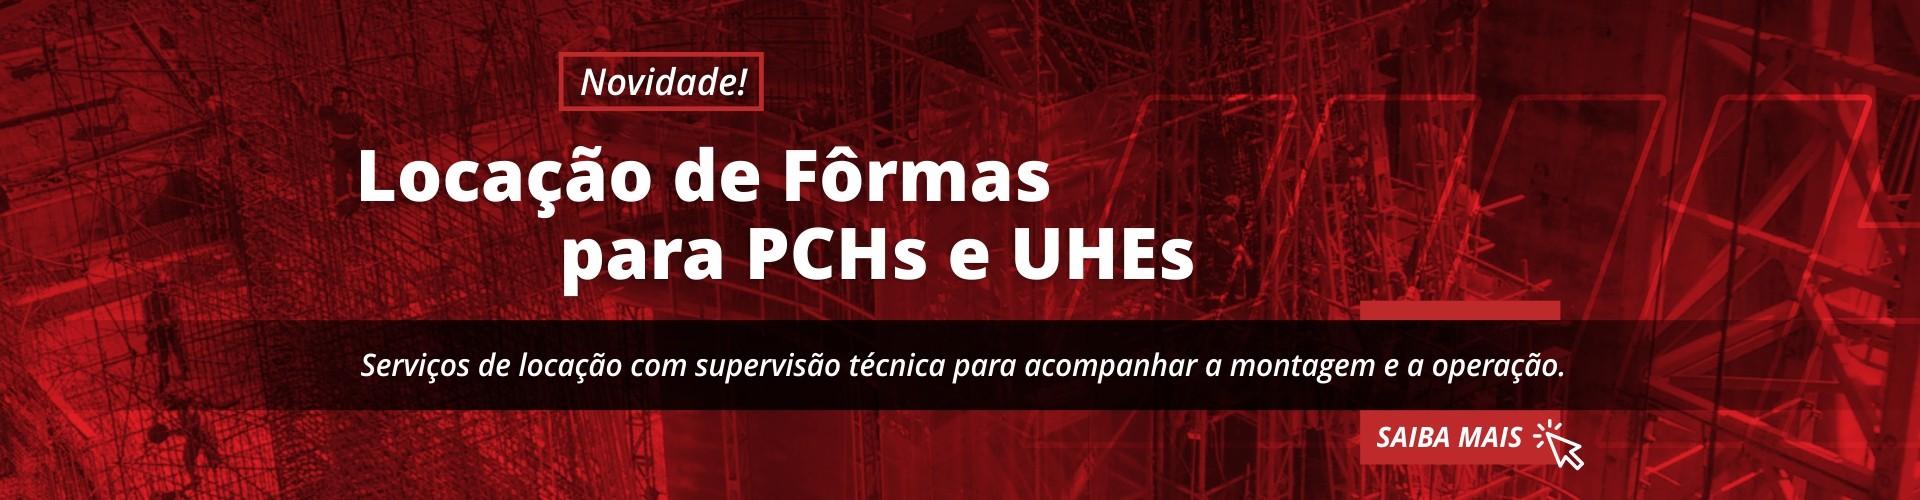 LOCAÇÃO DE FORMAS PARA PCHs E CGHs